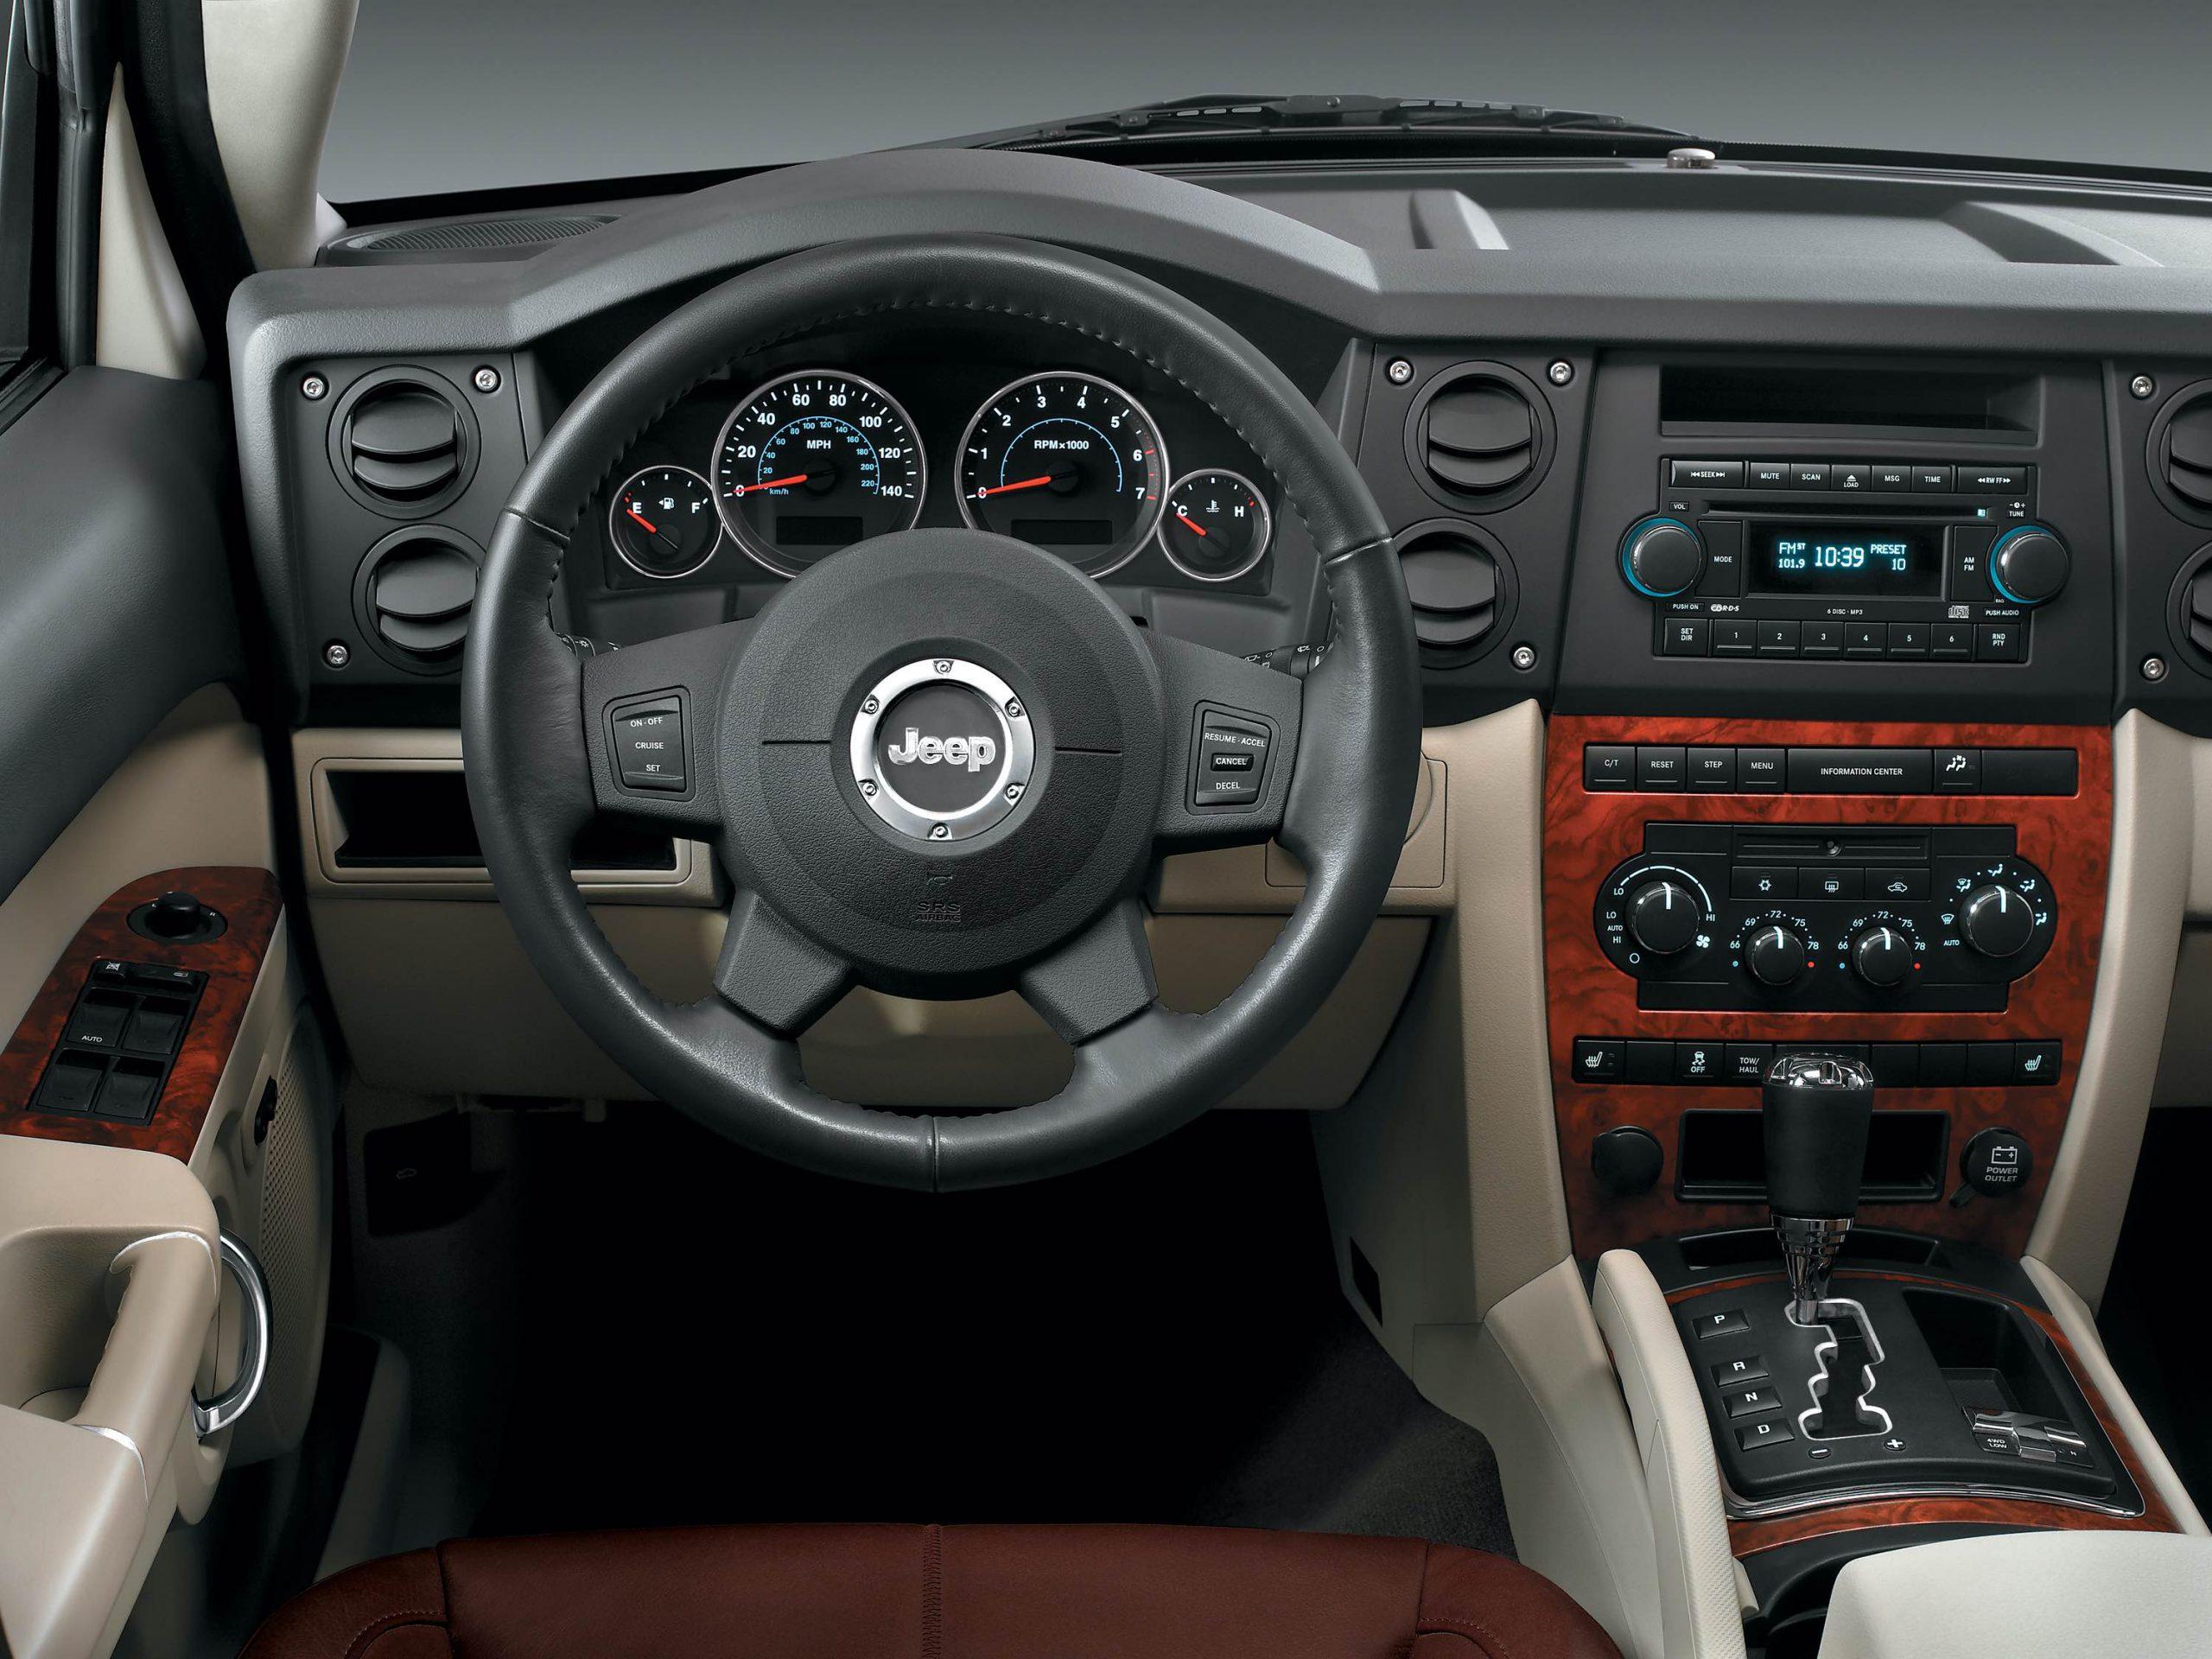 2009 Jeep Grand Cherokee Limited Diesel